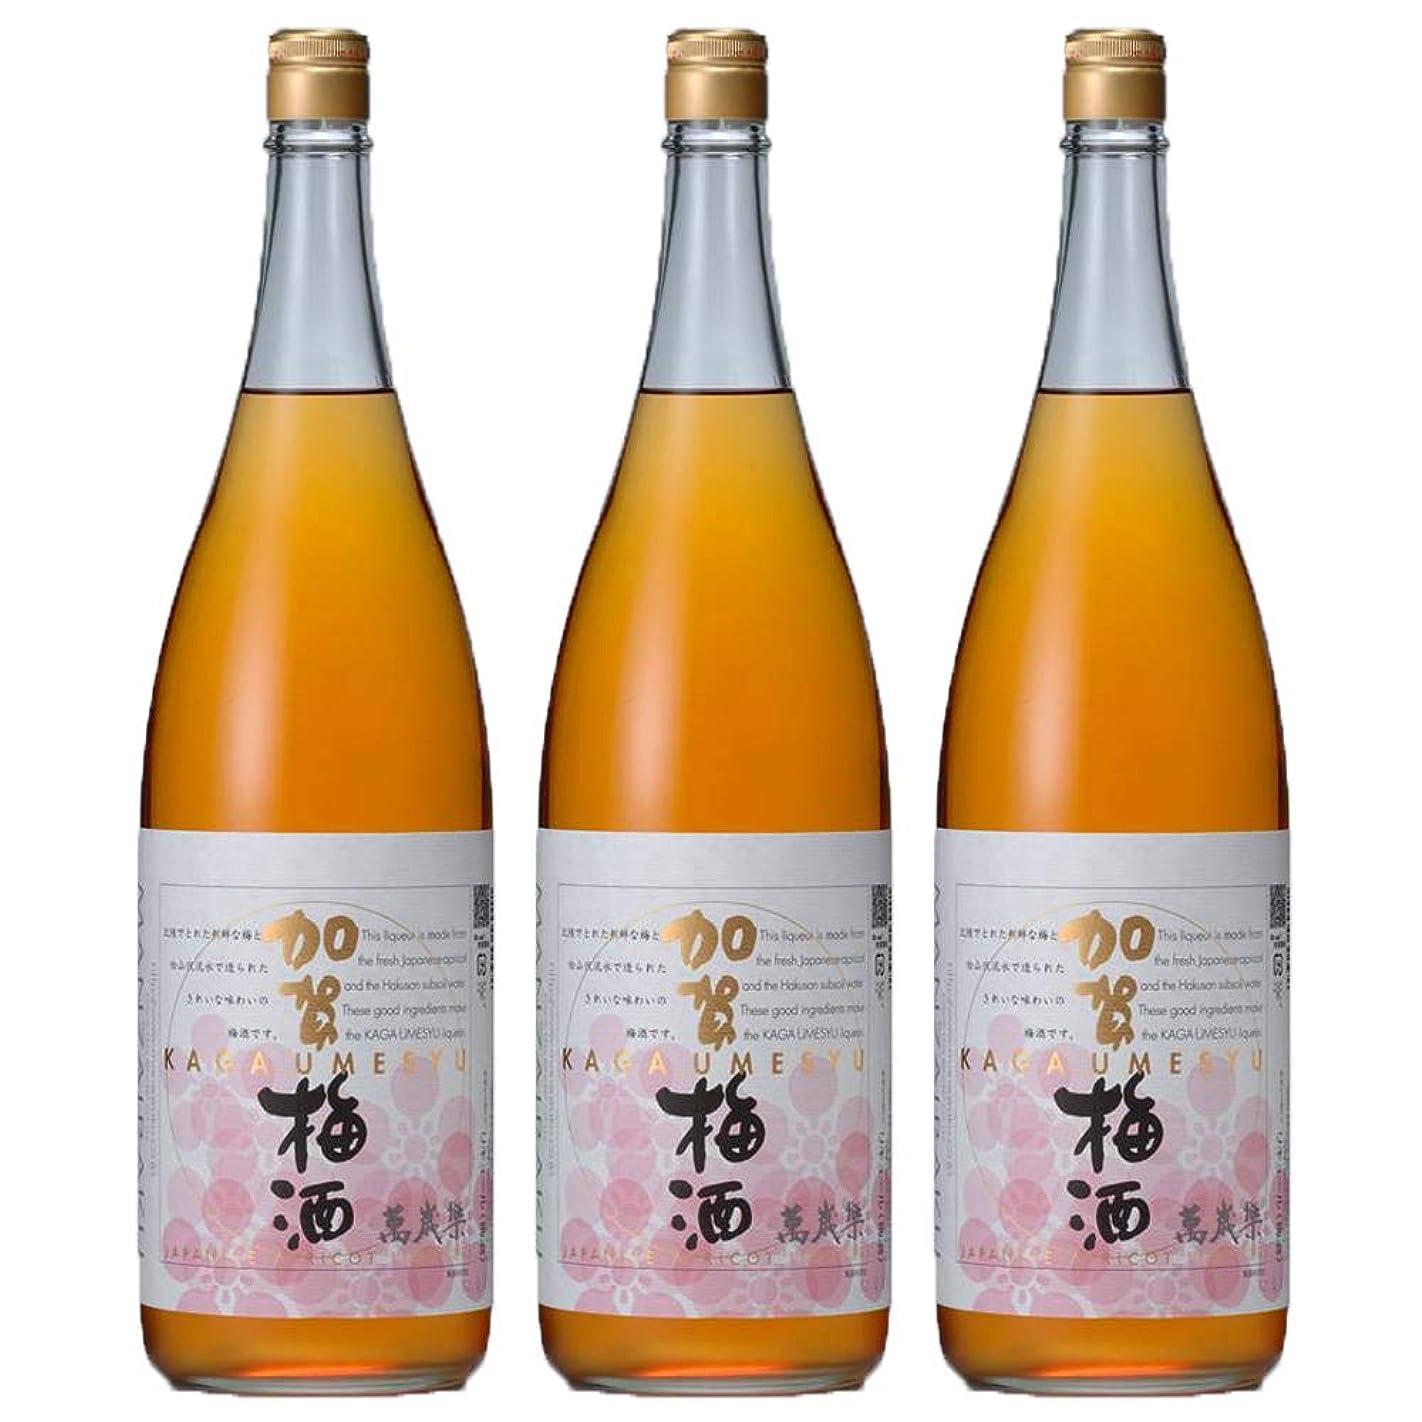 不機嫌震えるぼかし萬歳楽 加賀梅酒 1800ml(瓶) (3本)